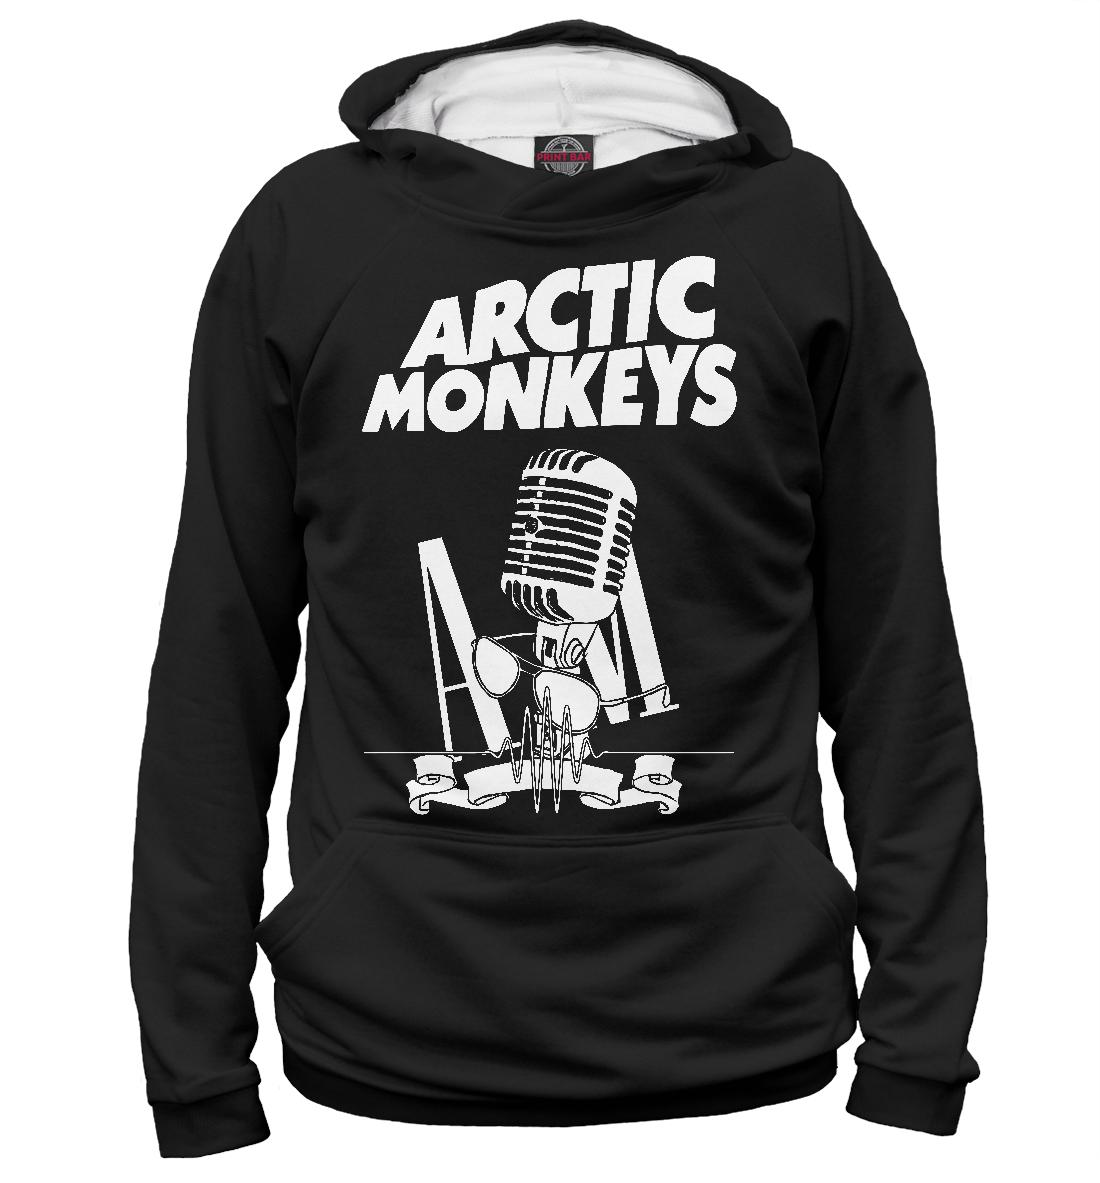 Купить Arctic Monkeys, Printbar, Худи, AMK-917653-hud-1